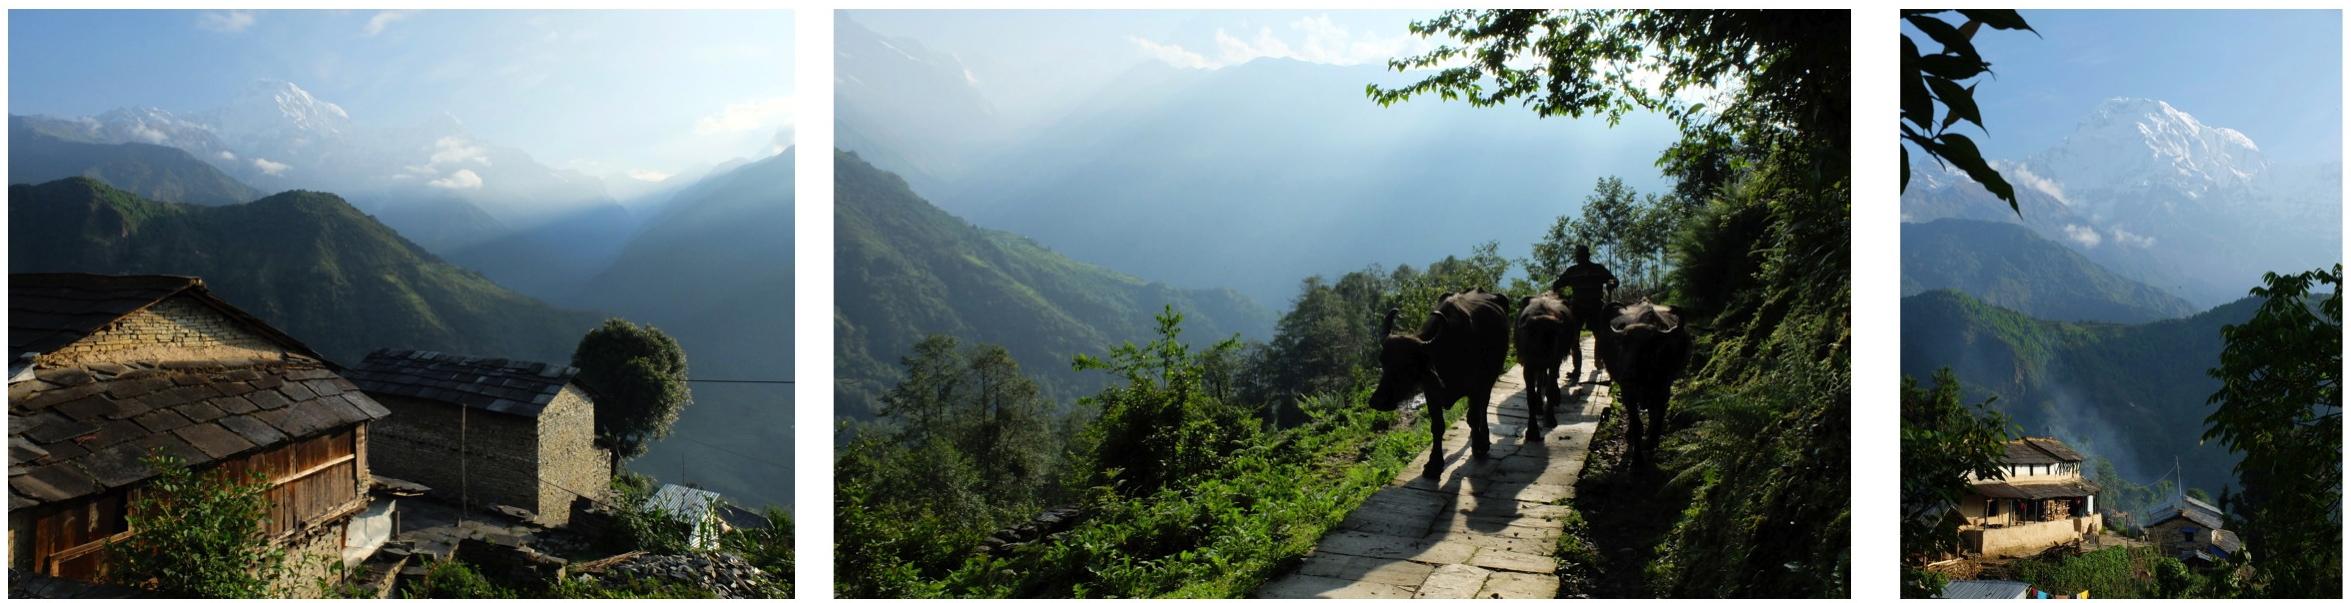 Gandruk, le village où il fait bon rêver